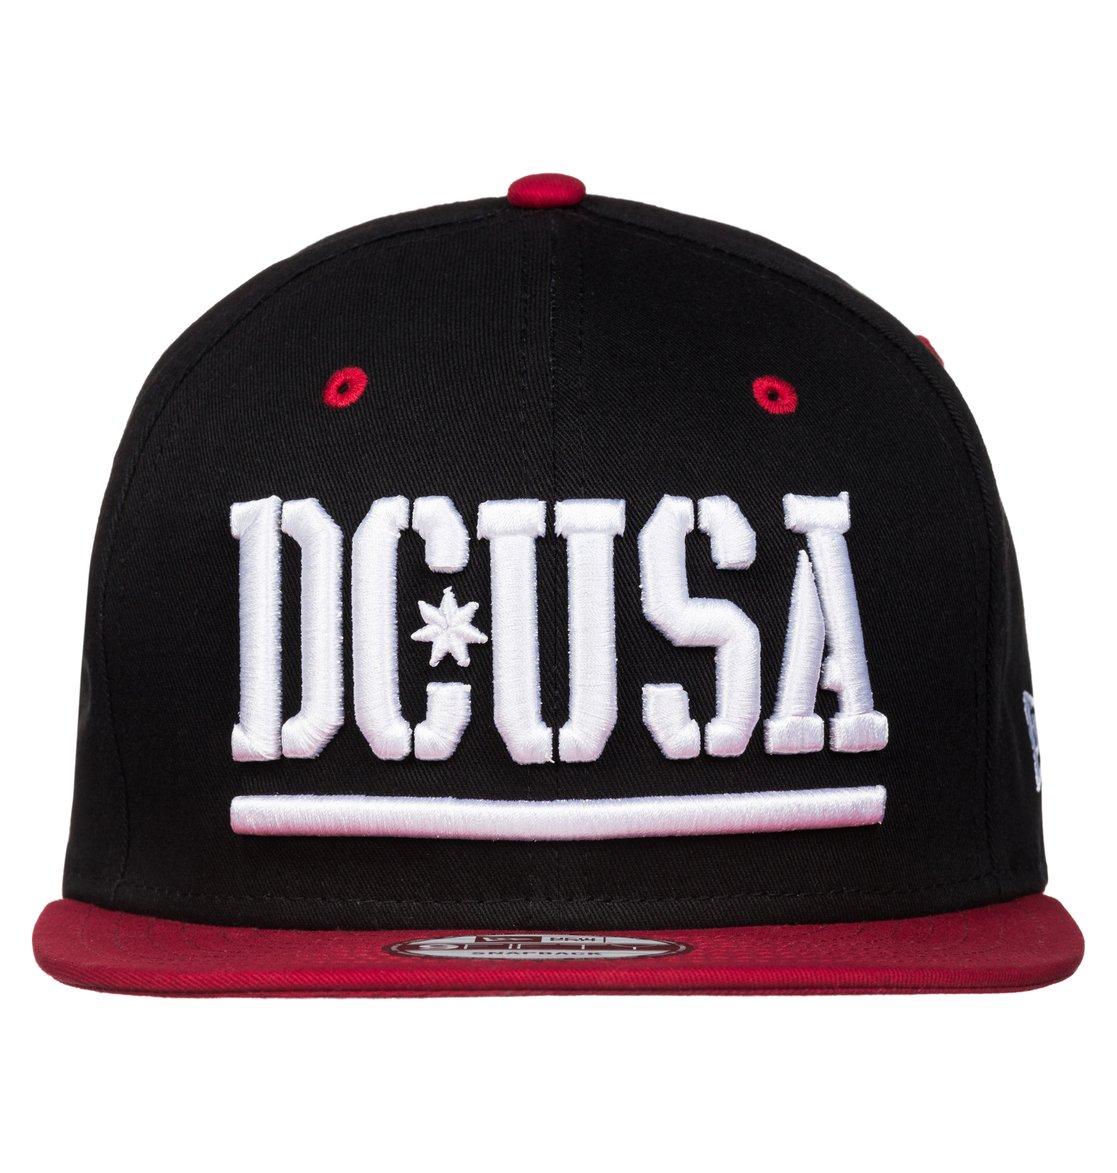 najlepsze oferty na sklep internetowy na wyprzedaży Men's RD Bar 3 Snapback New Era Hat ADYHA03218   DC Shoes